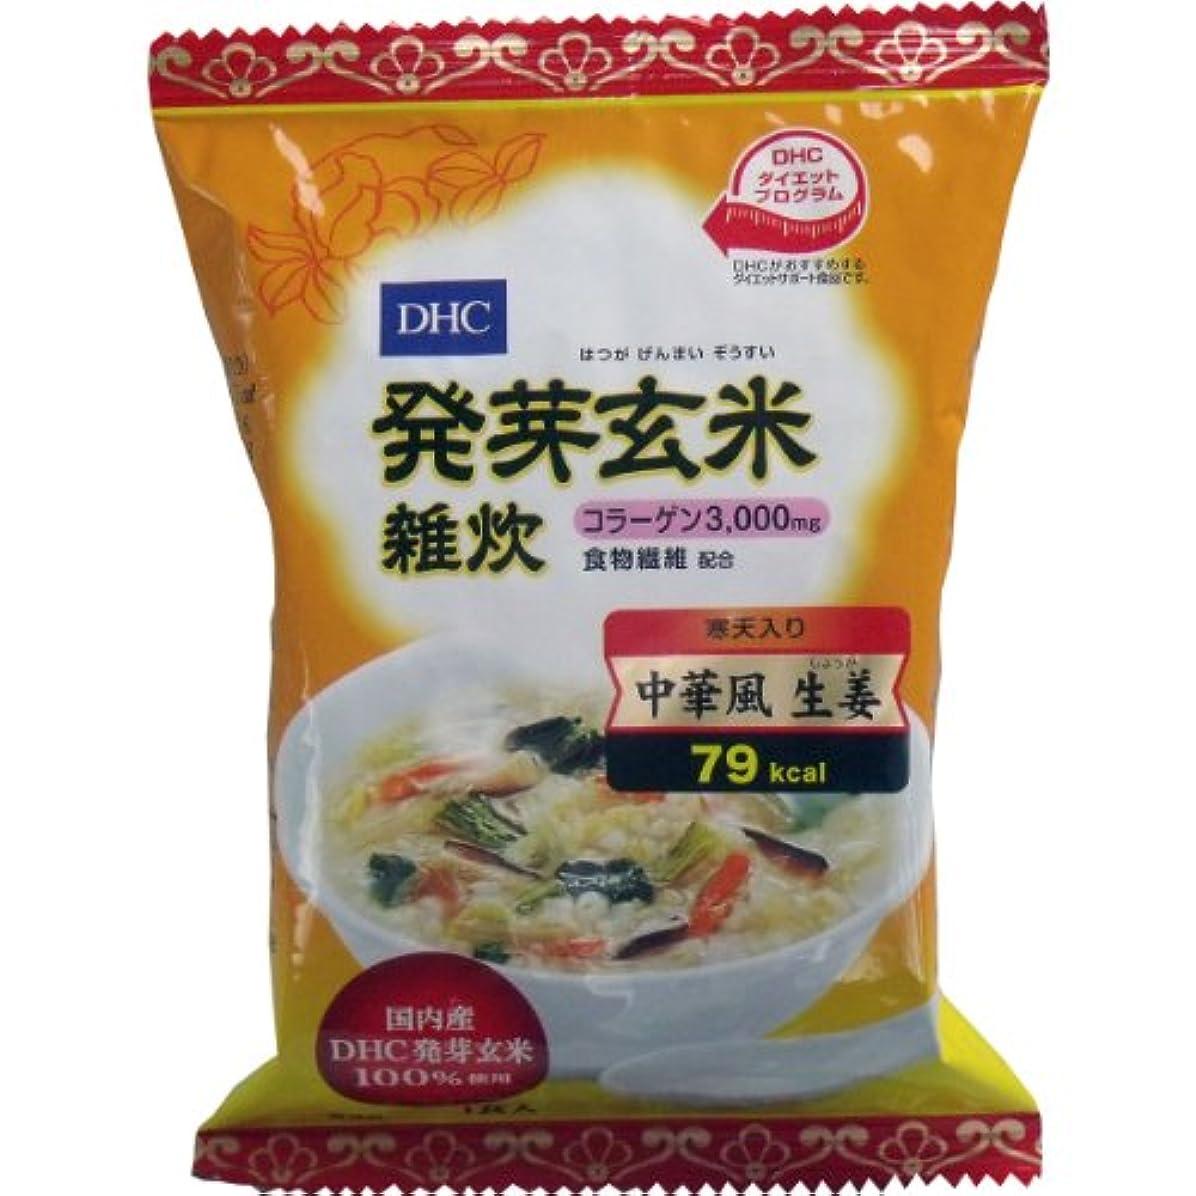 キャラクターうなり声強いDHC発芽玄米雑炊(コラーゲン?寒天入り) 中華風 生姜